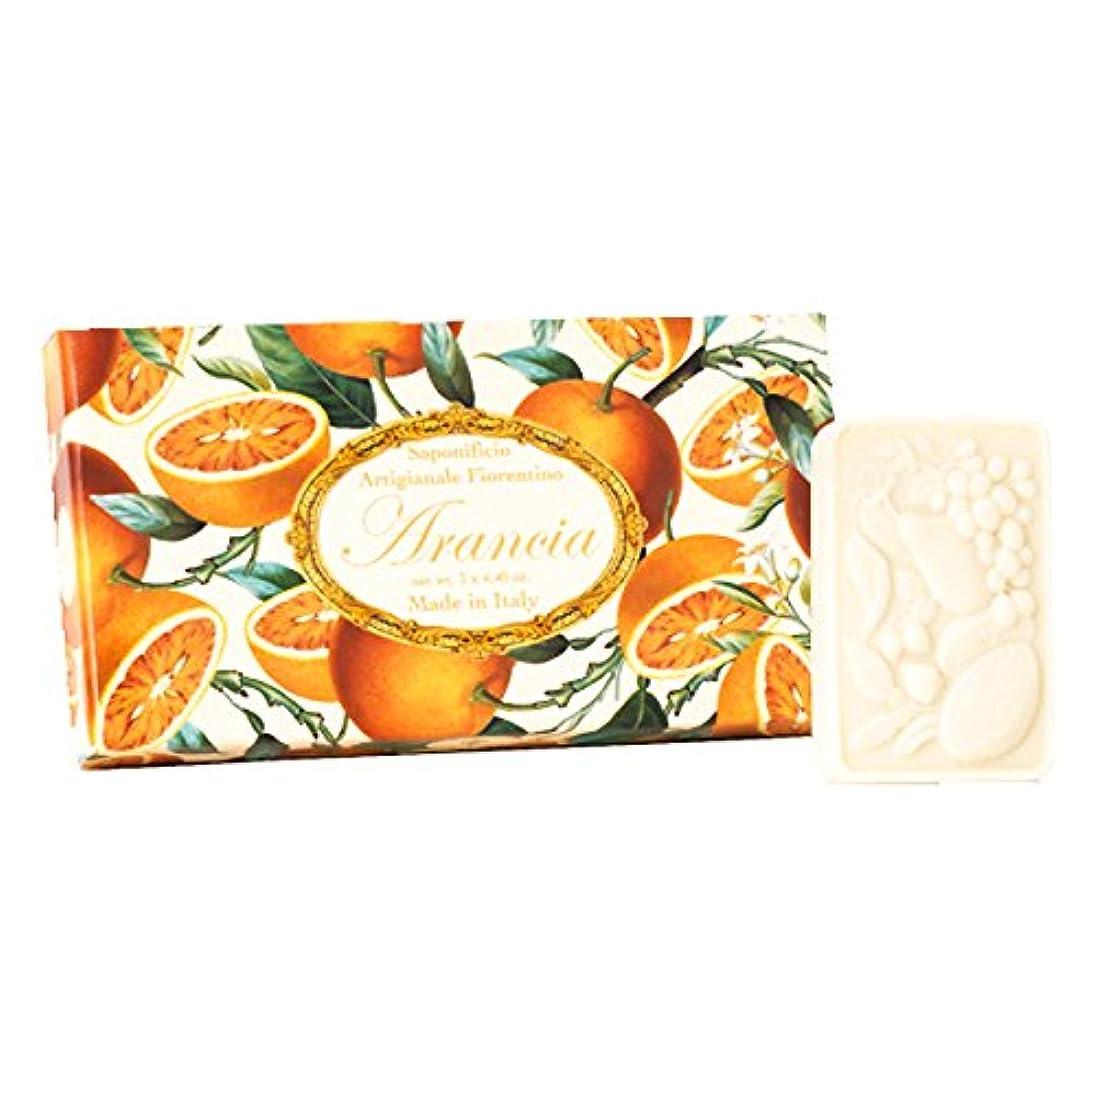 インペリアル師匠子供っぽいフィレンツェの 長い歴史から生まれたこだわり石鹸 オレンジ【刻印125g×3個セット】